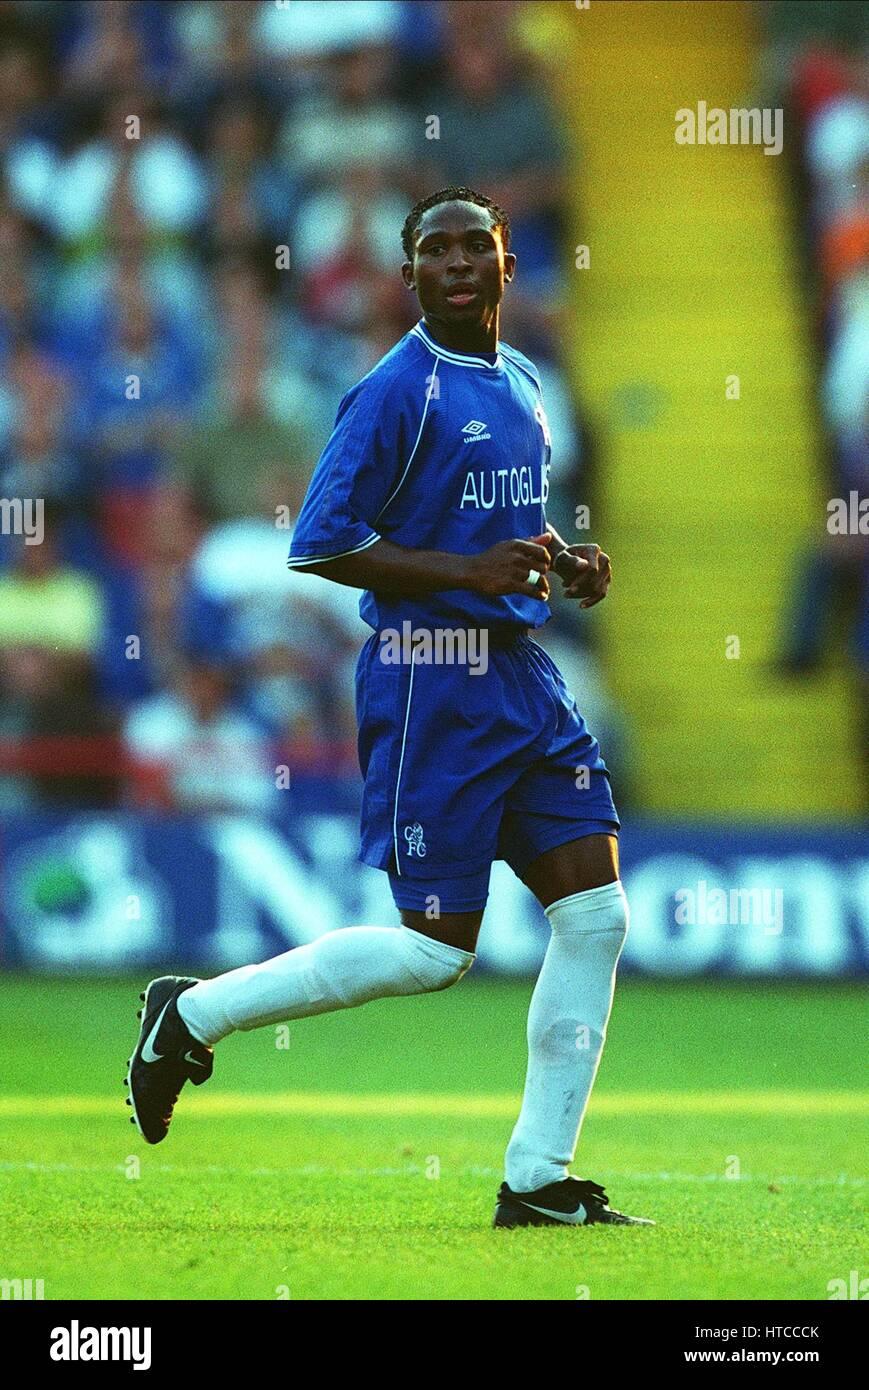 CELESTINE BABAYARO CHELSEA FC 23 July 1999 - Stock Image